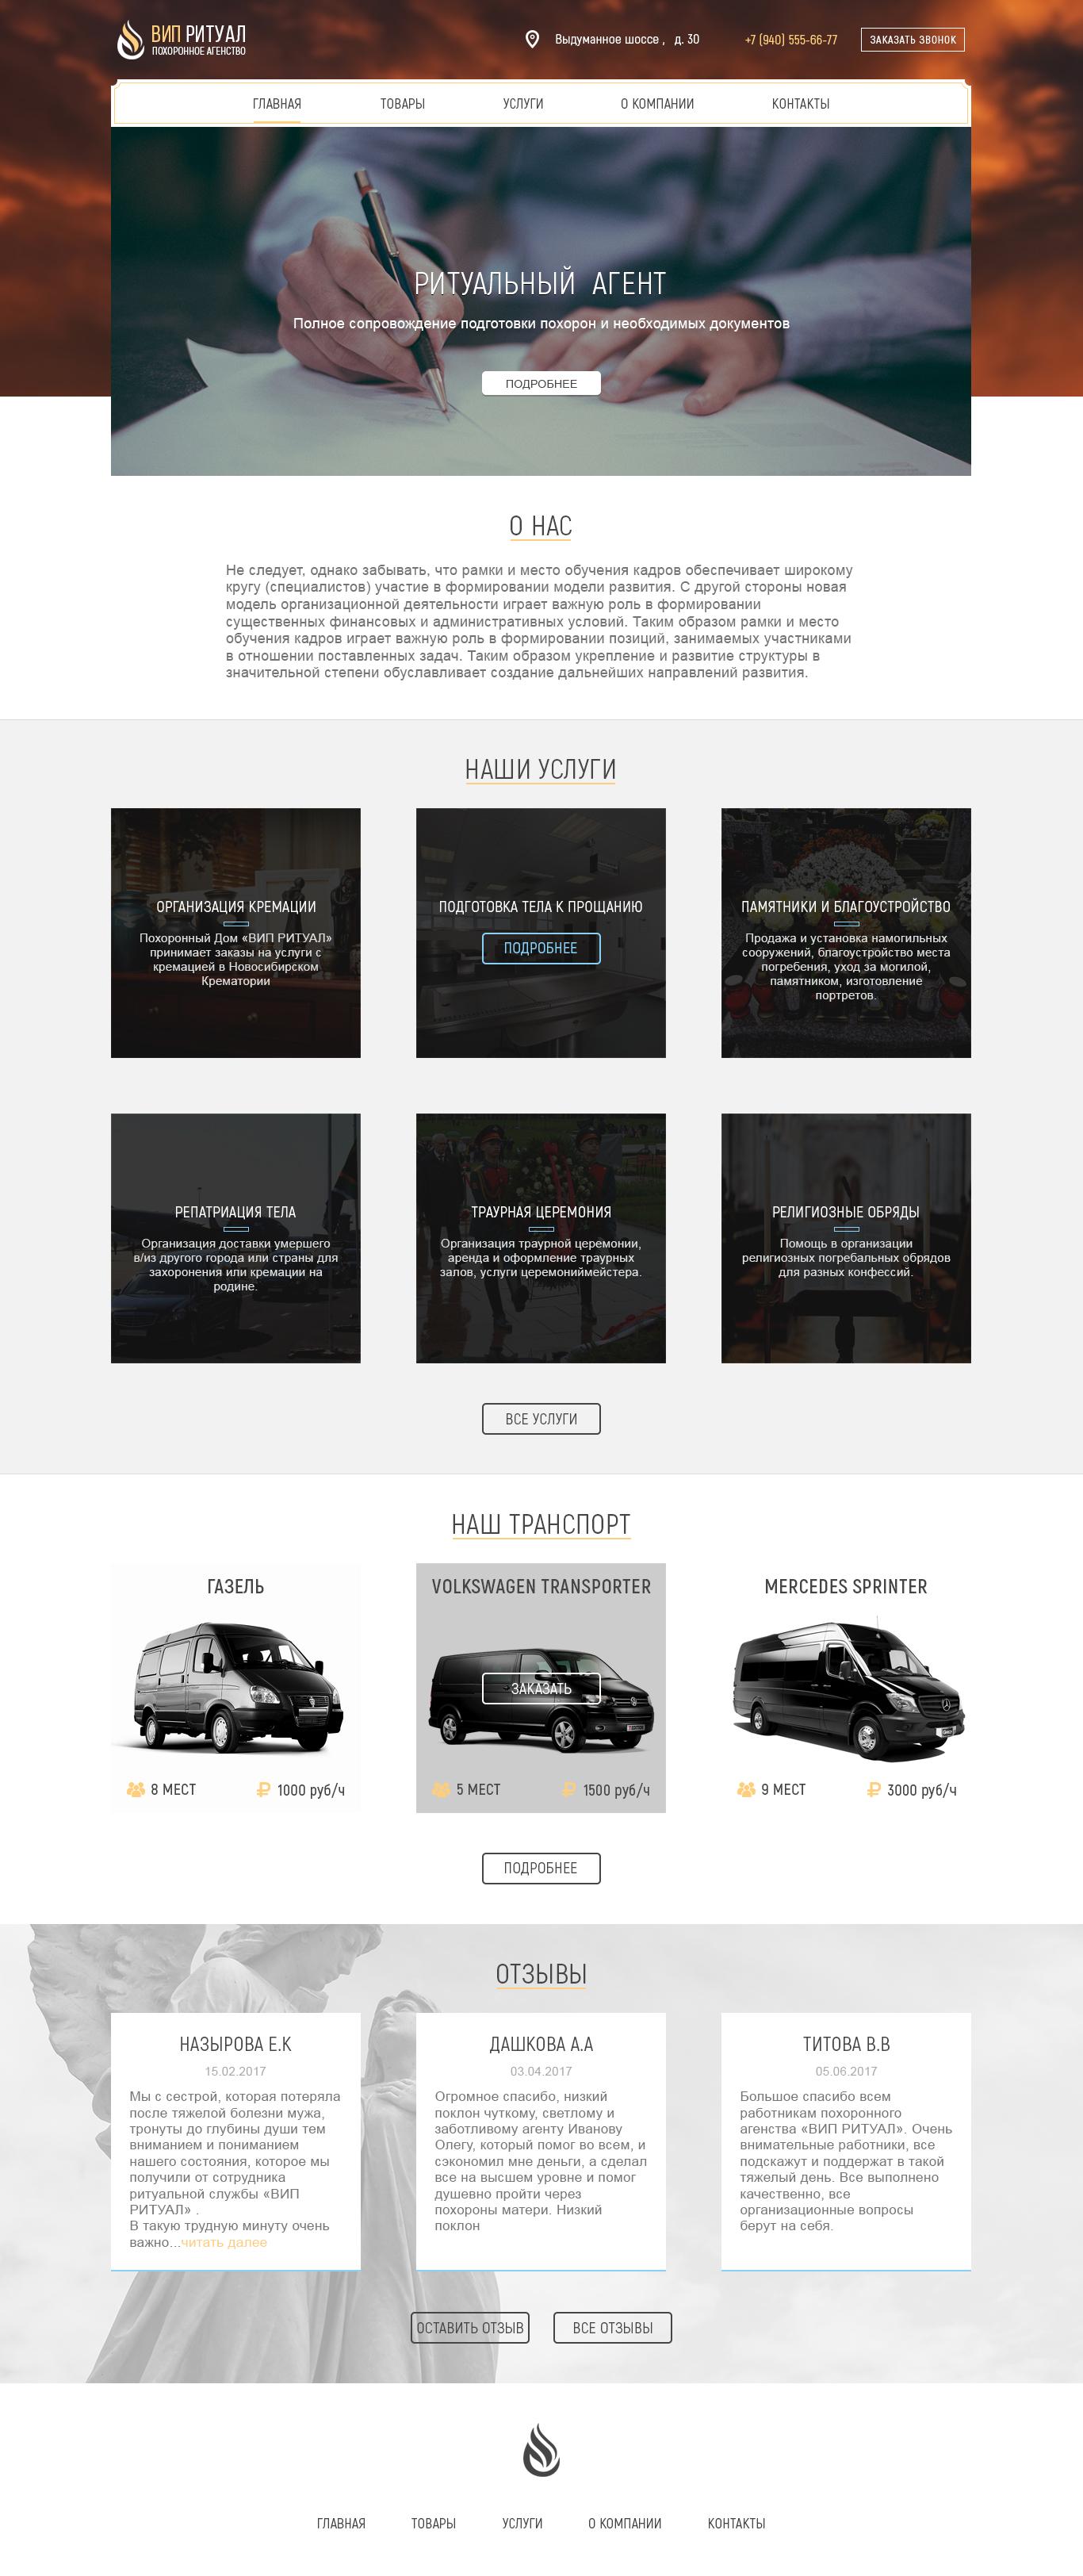 Нарисовать 2 дизайна сайтов направления ритуальных услуг  фото f_207596b7417aefa7.jpg